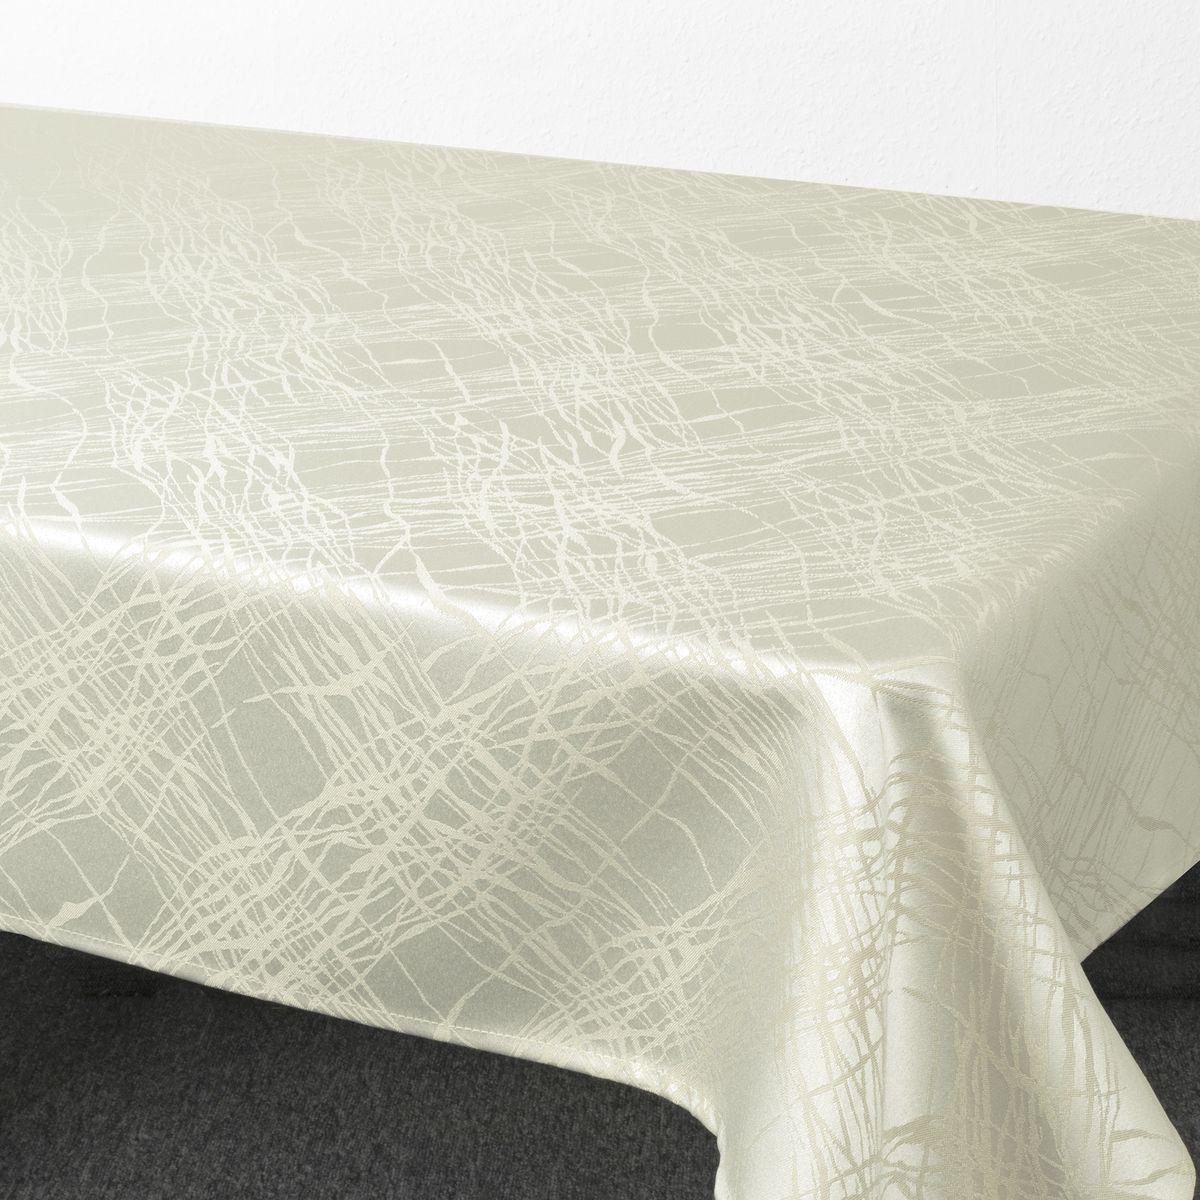 Скатерть Schaefer, прямоугольная, цвет: серый, 130 х 170 см. 07812-42907812-429Стильная скатерть Schaefer выполнена из полиэстера.Изделия из полиэстера легко стирать: они не мнутся, не садятся и быстро сохнут, они более долговечны, чем изделия из натуральных волокон.Немецкая компания Schaefer создана в 1921 году. На протяжении всего времени существования она создает уникальные коллекции домашнего текстиля для гостиных, спален, кухонь и ванных комнат. Дизайнерские идеи немецких художников компании Schaefer воплощаются в текстильных изделиях, которые сделают ваш дом красивее и уютнее и не останутся незамеченными вашими гостями. Дарите себе и близким красоту каждый день!